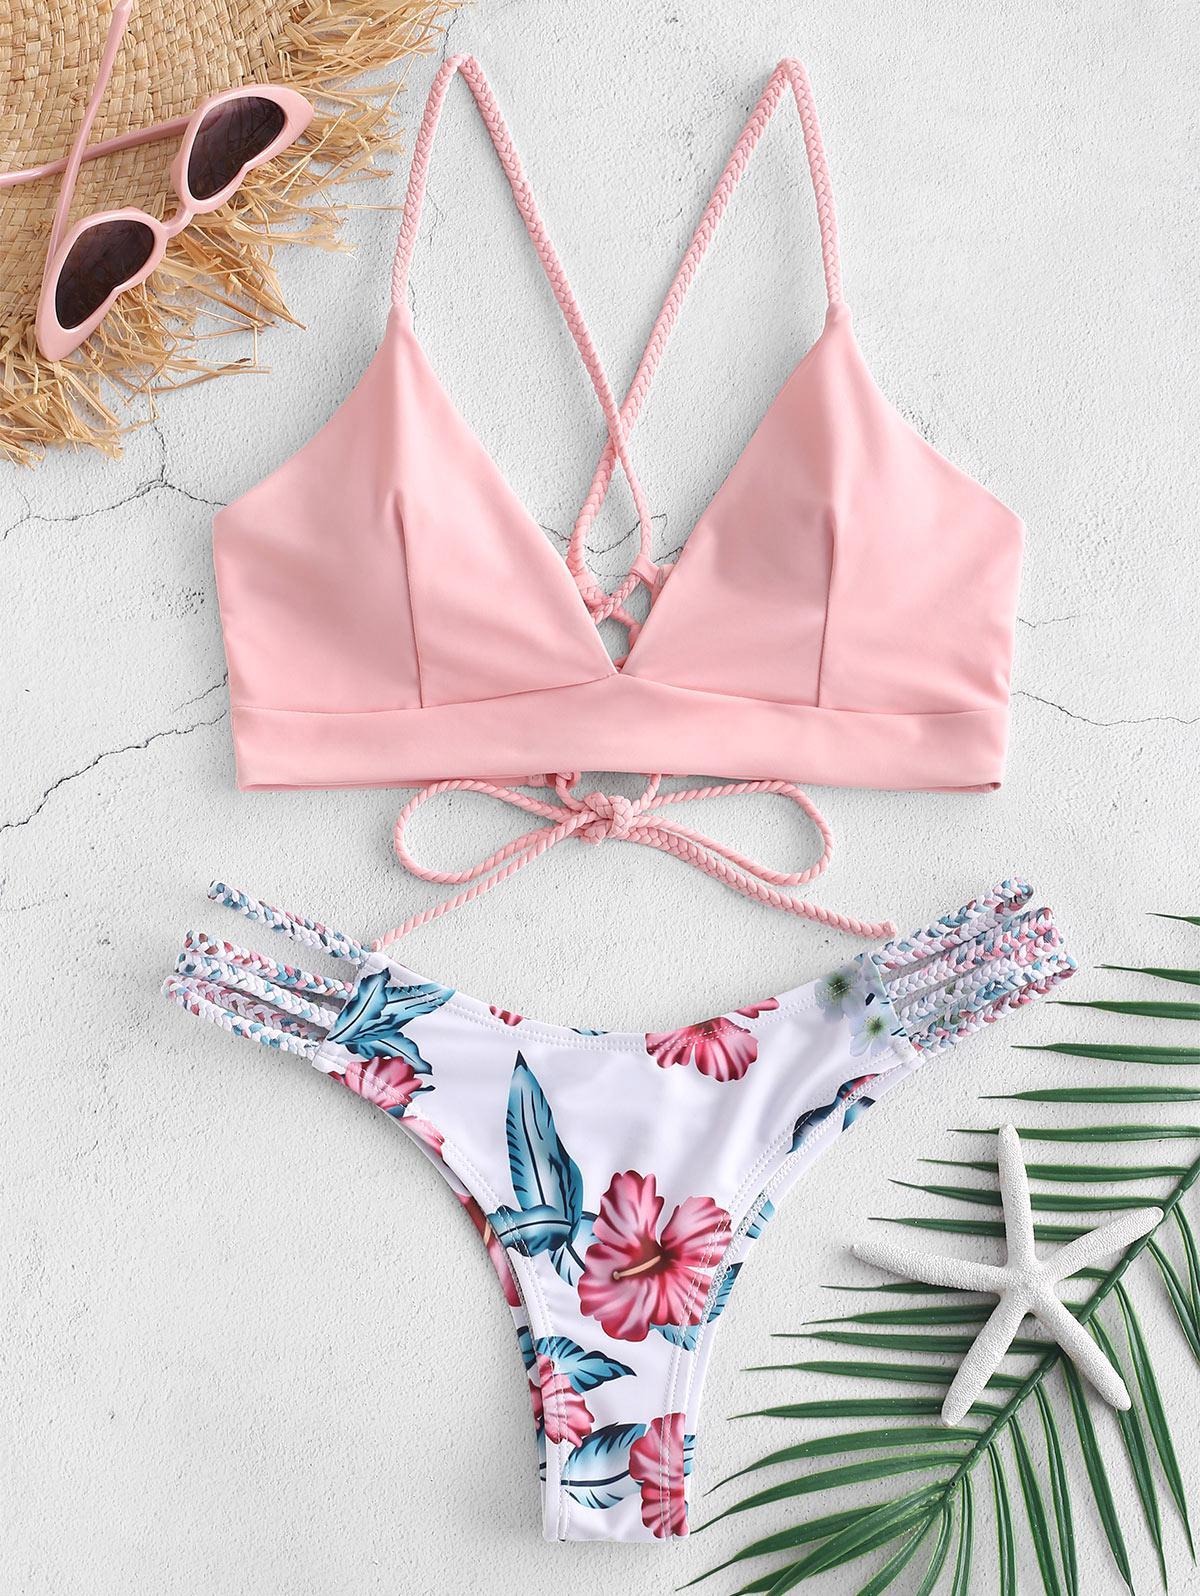 ZAFUL Lace-Up Braided Flower Bikini Set фото